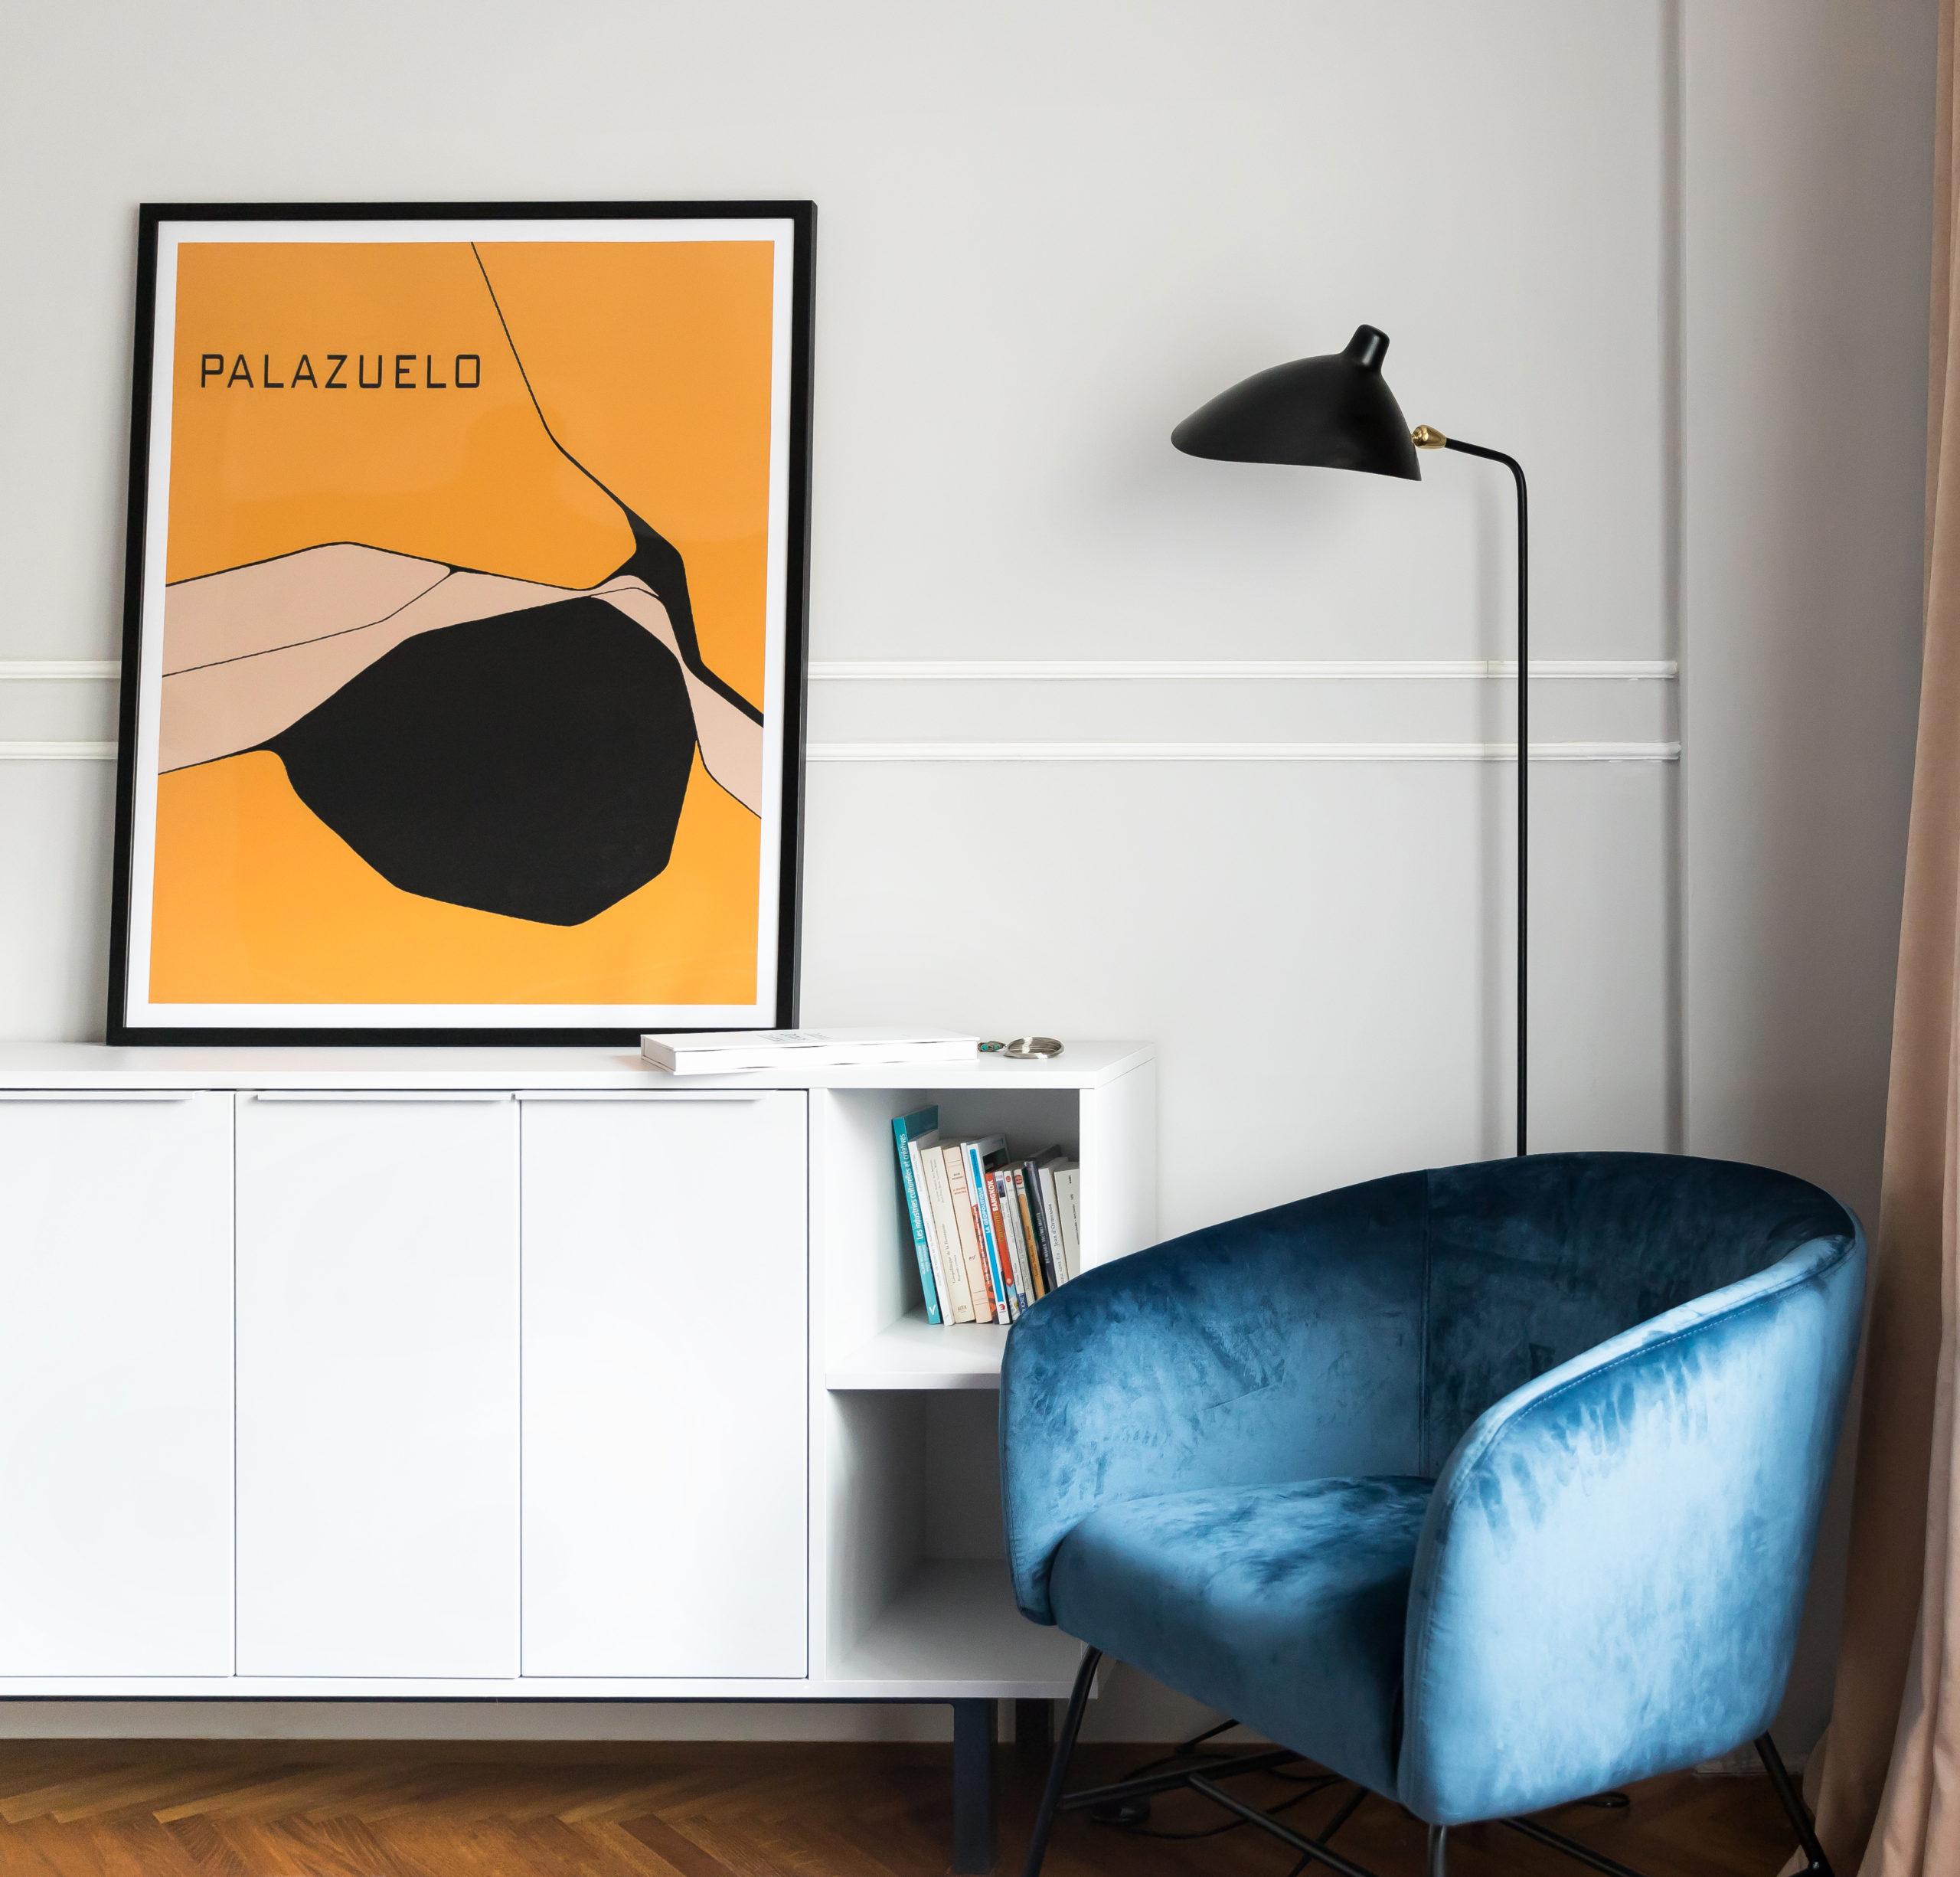 Mobilierul din dormitor pastreaza aceleasi linii simple, moderne. Profilele decorative, lampadarul si catifeaua fotoliului sunt cele care dau aerul retro acestei incaperi.